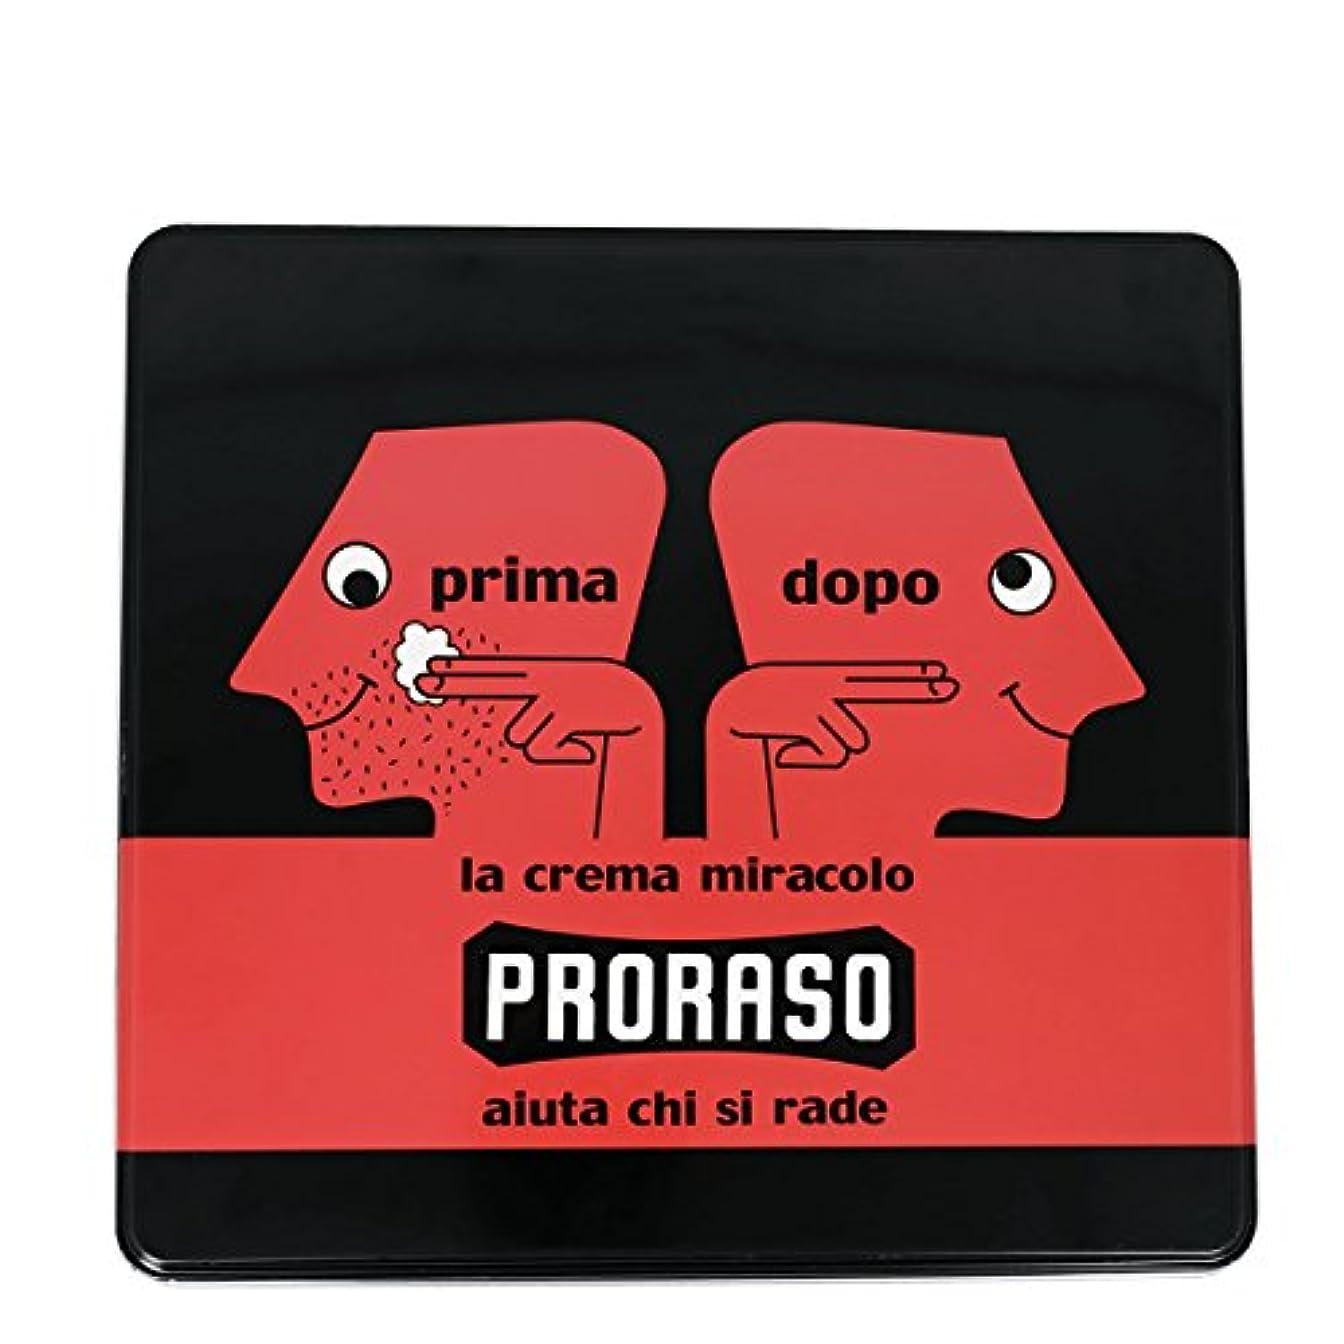 攻撃調べるスリッパProraso Primadopo ヴィンテージ ナリシング セレクション 缶[海外直送品] [並行輸入品]